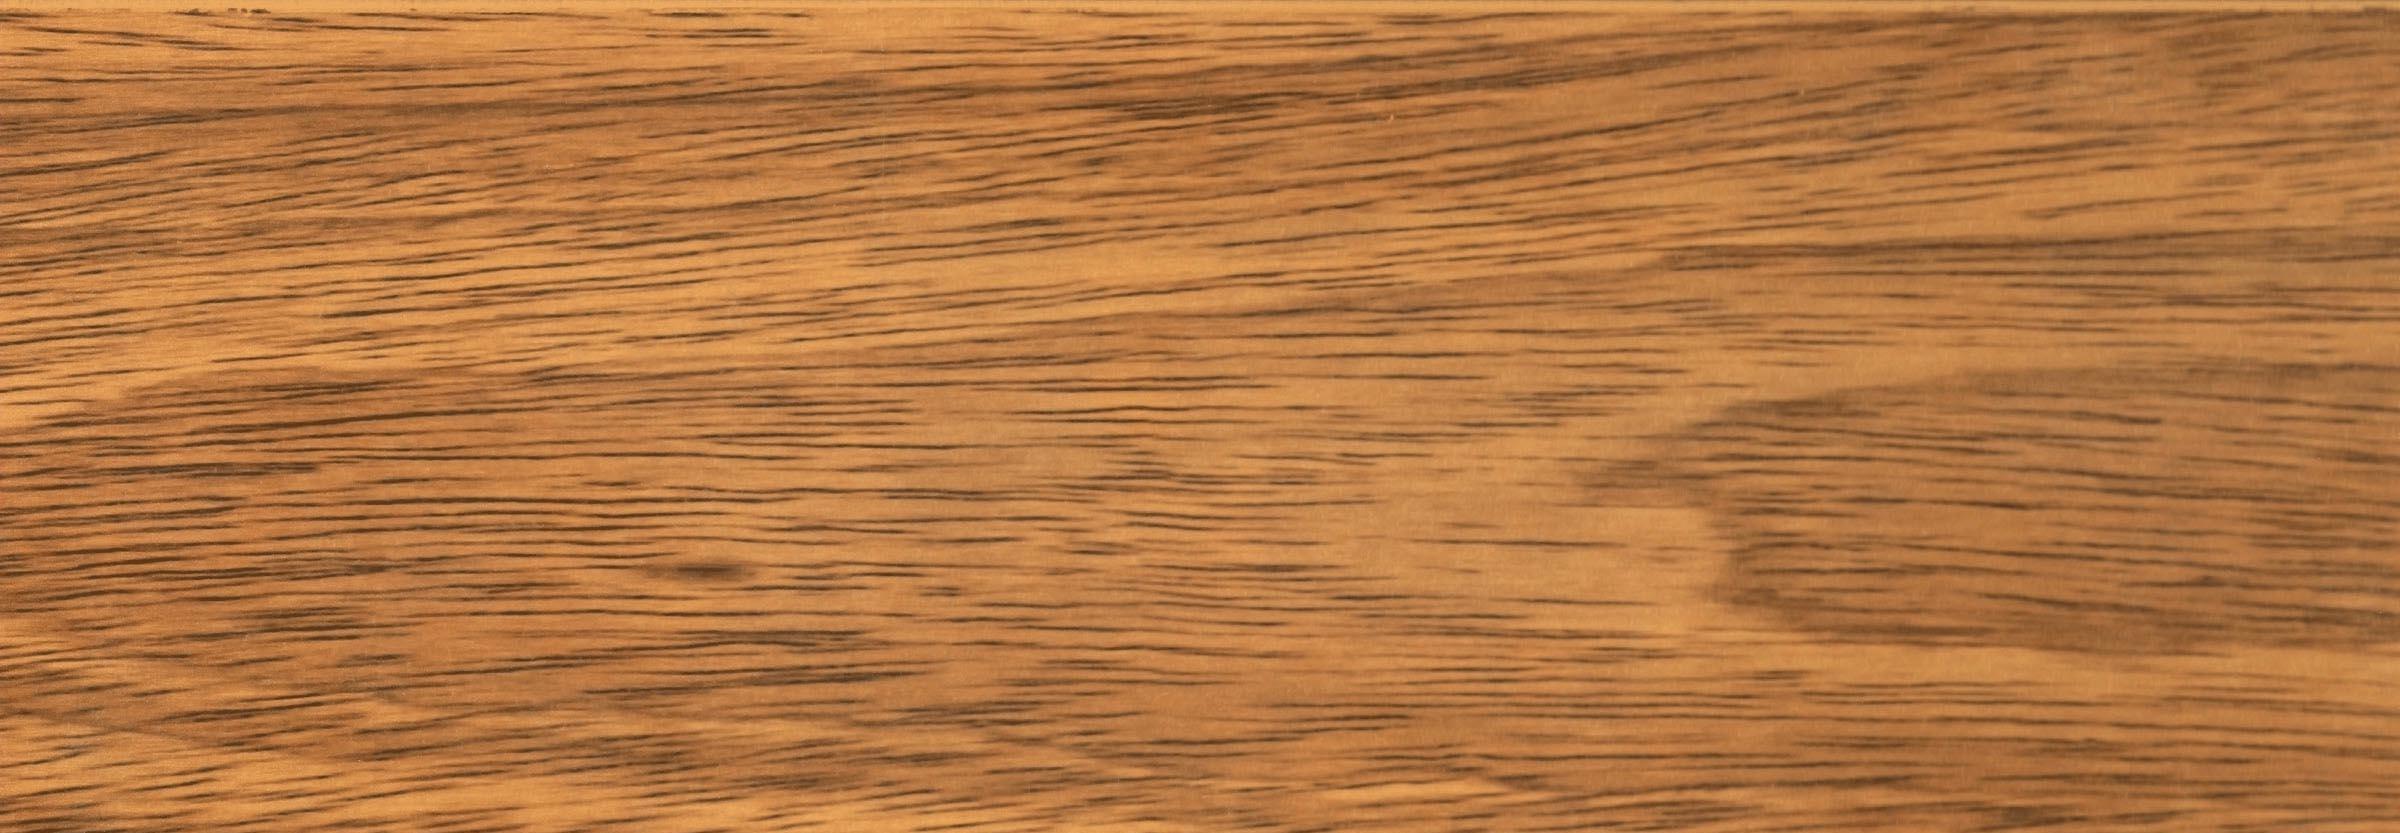 德尔强化复合地板简约风格JB系列JB10JB10